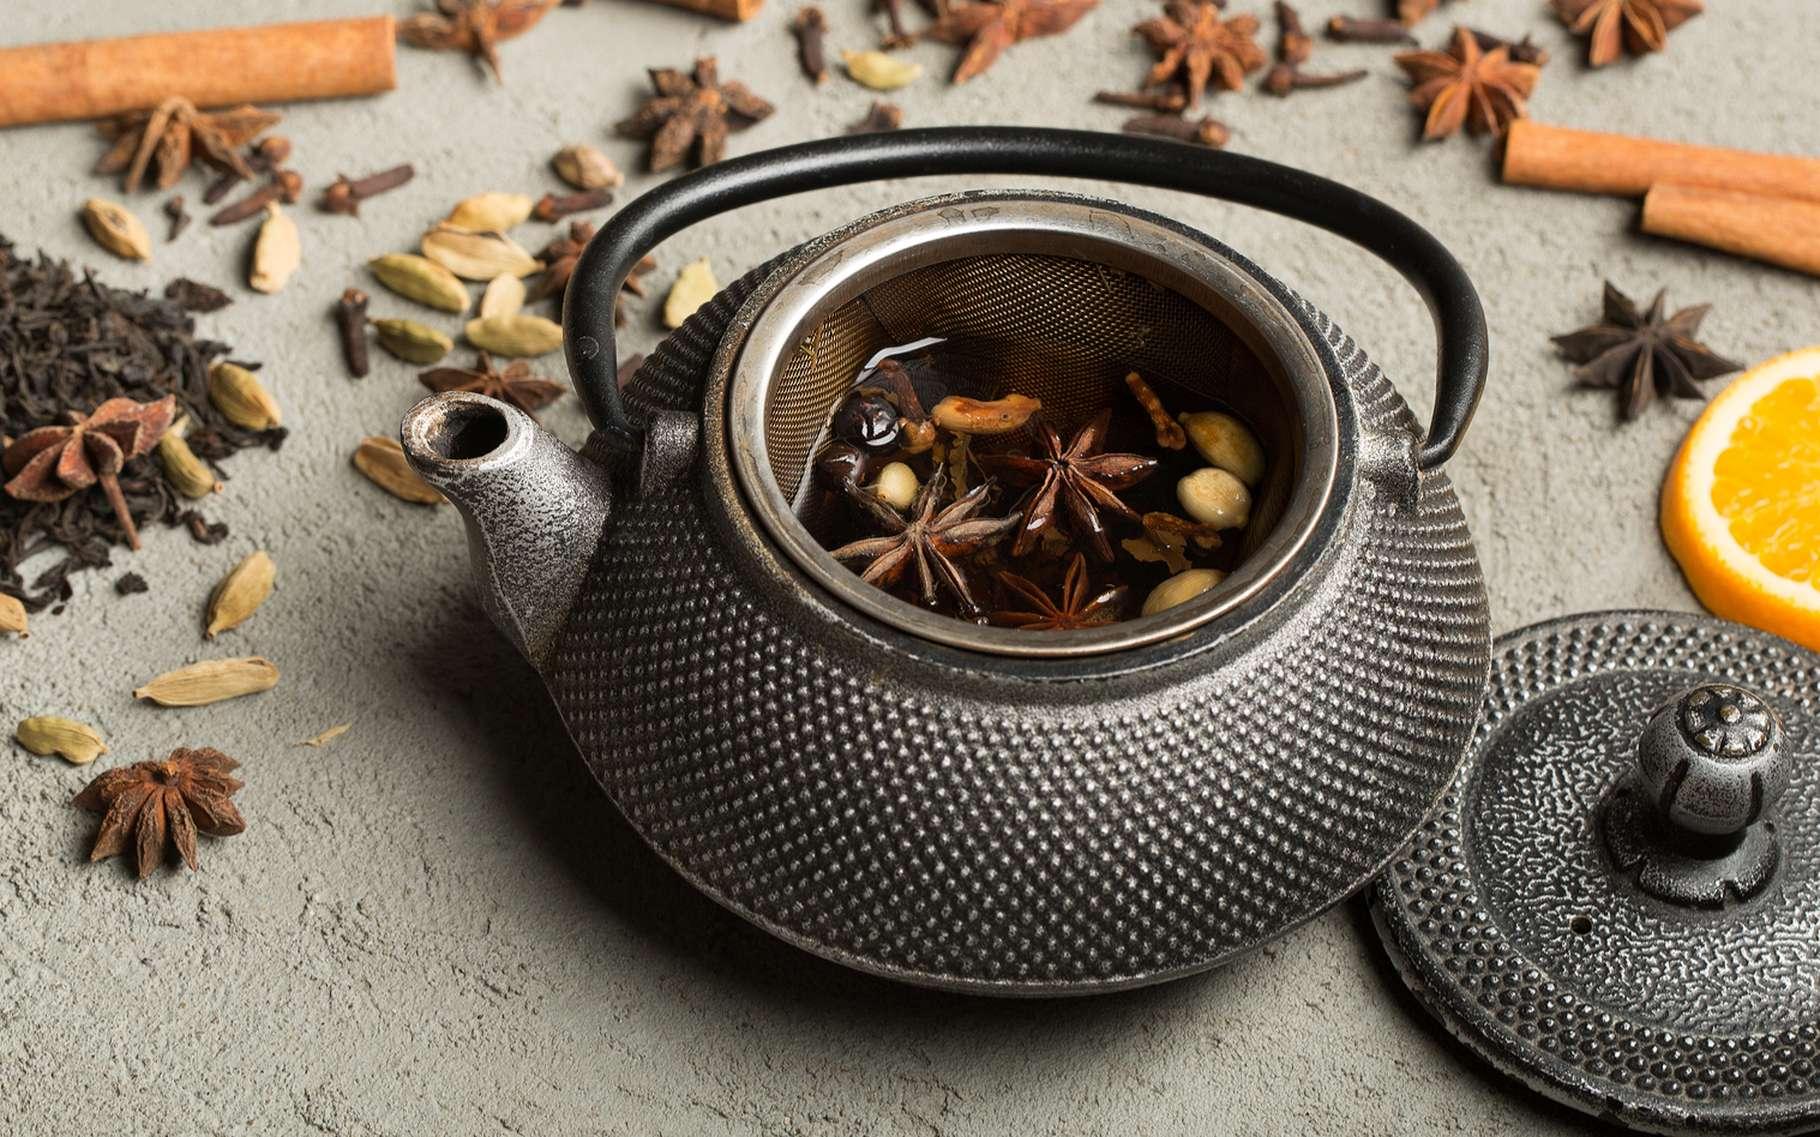 Thé et tisane sont deux boissons bien différentes par leurs propriétés et par la façon dont elles sont préparées. © Ganihina Daria, Shutterstock